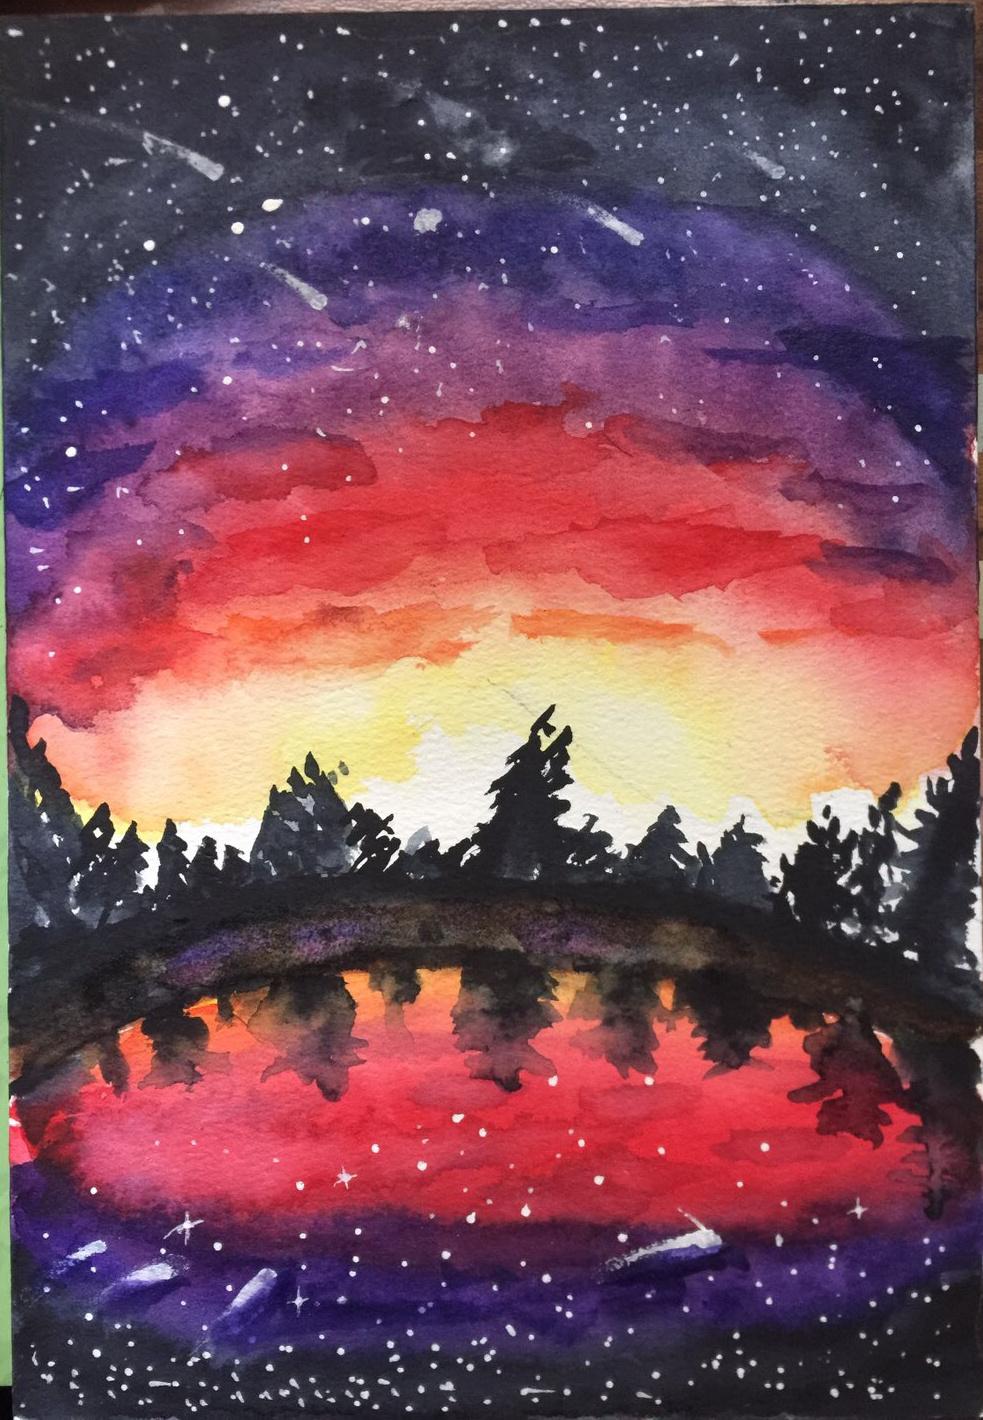 水彩画作品 – 黄昏湖岸